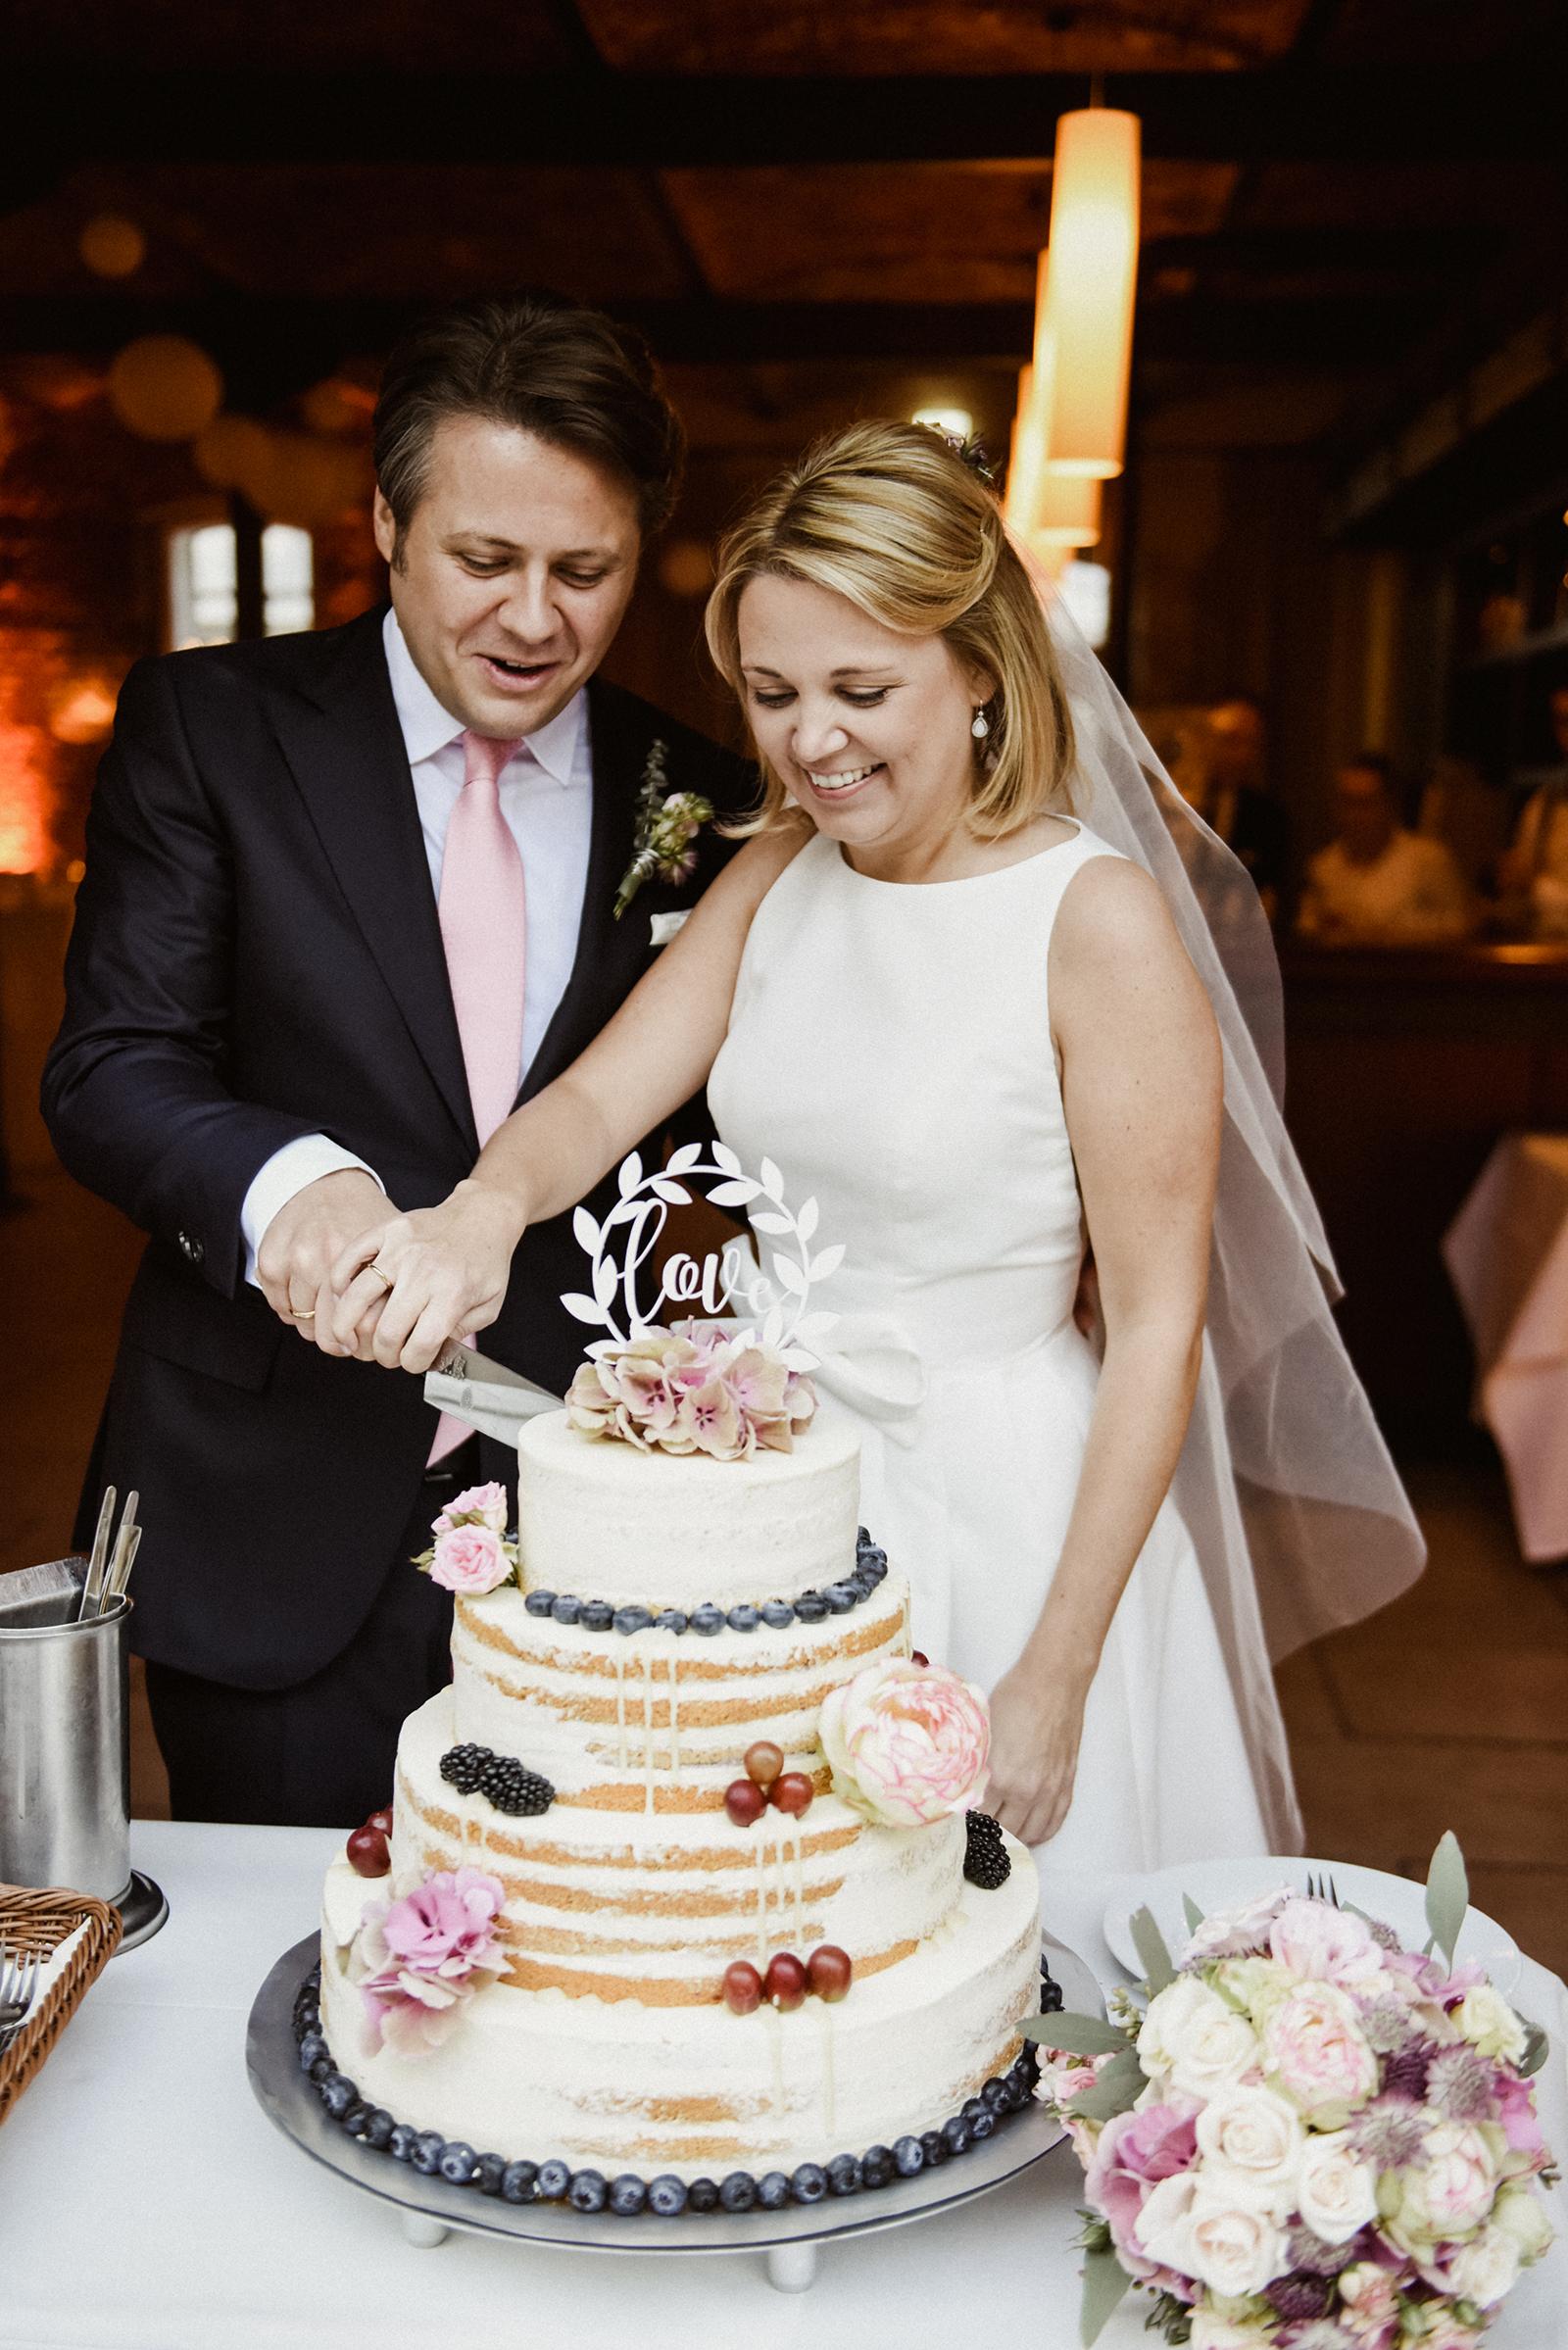 Theresa & Sandro beim Anschnitt der Hochzeitstorte